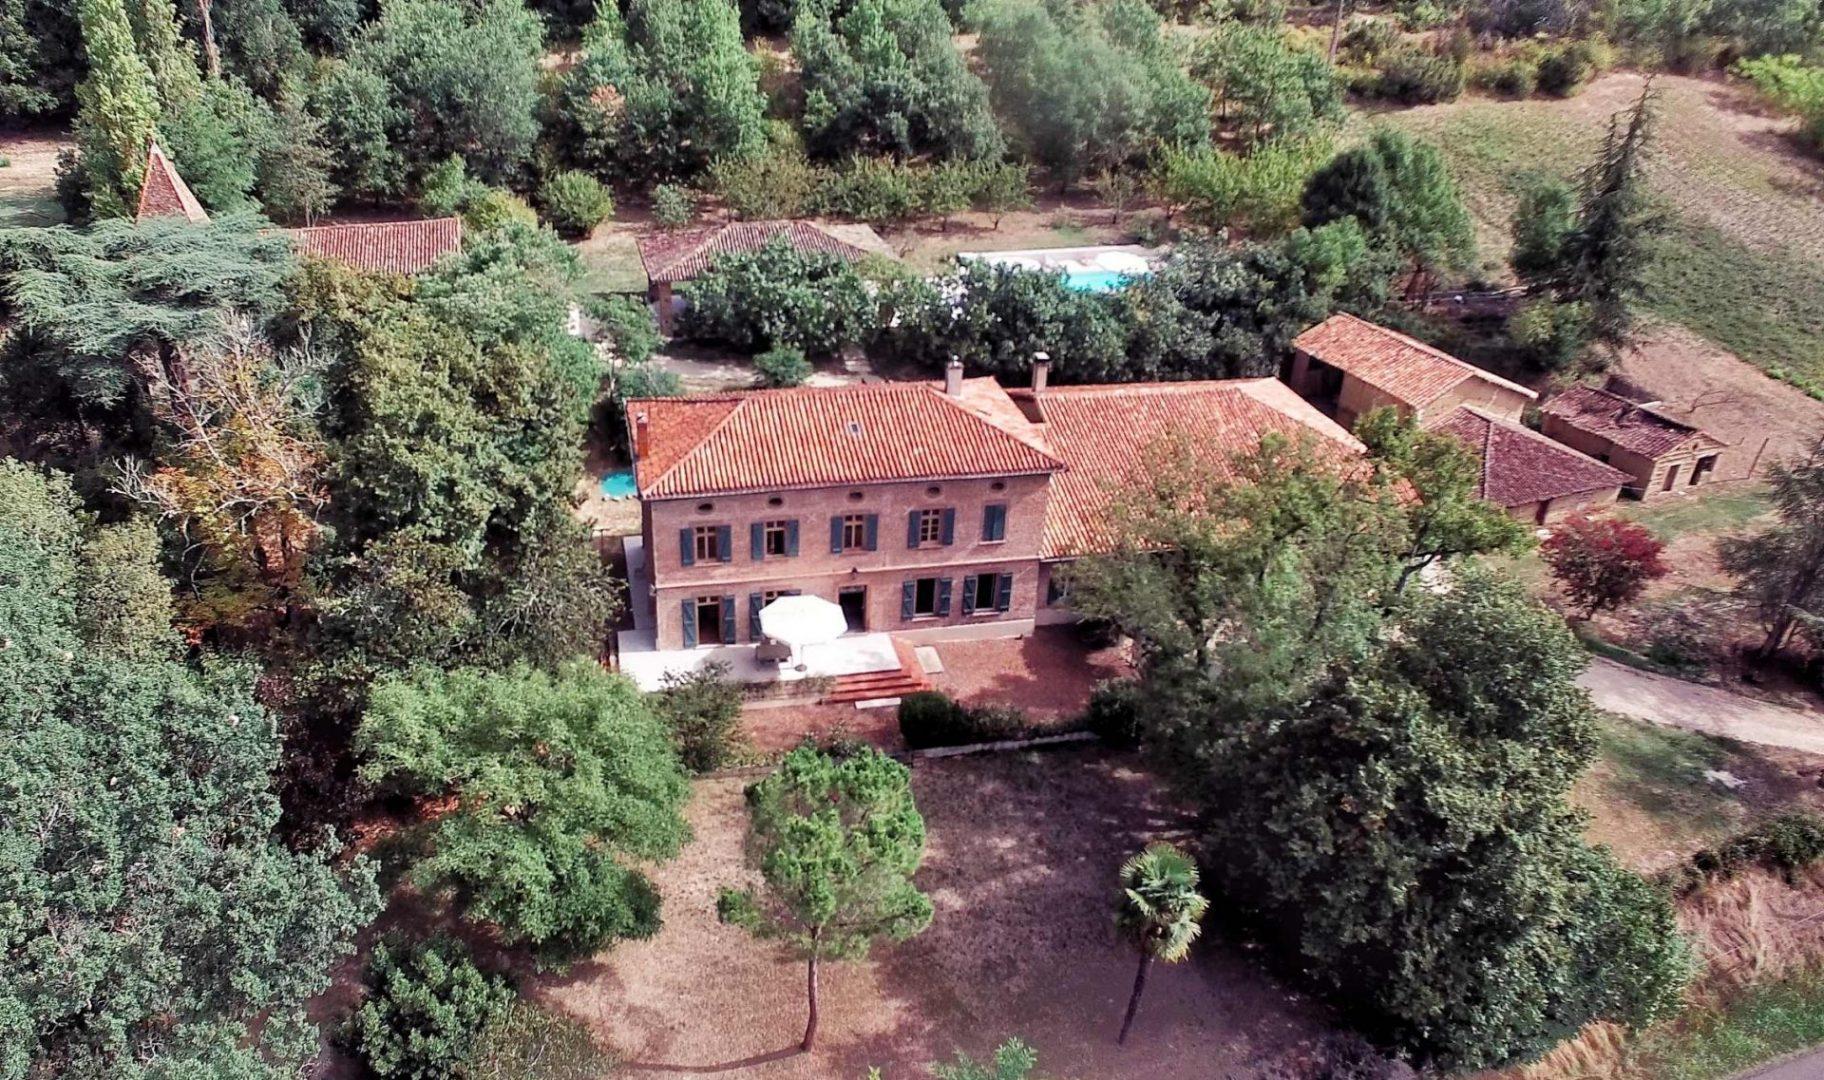 vue aérienne de l'hôtel de l'ostalas